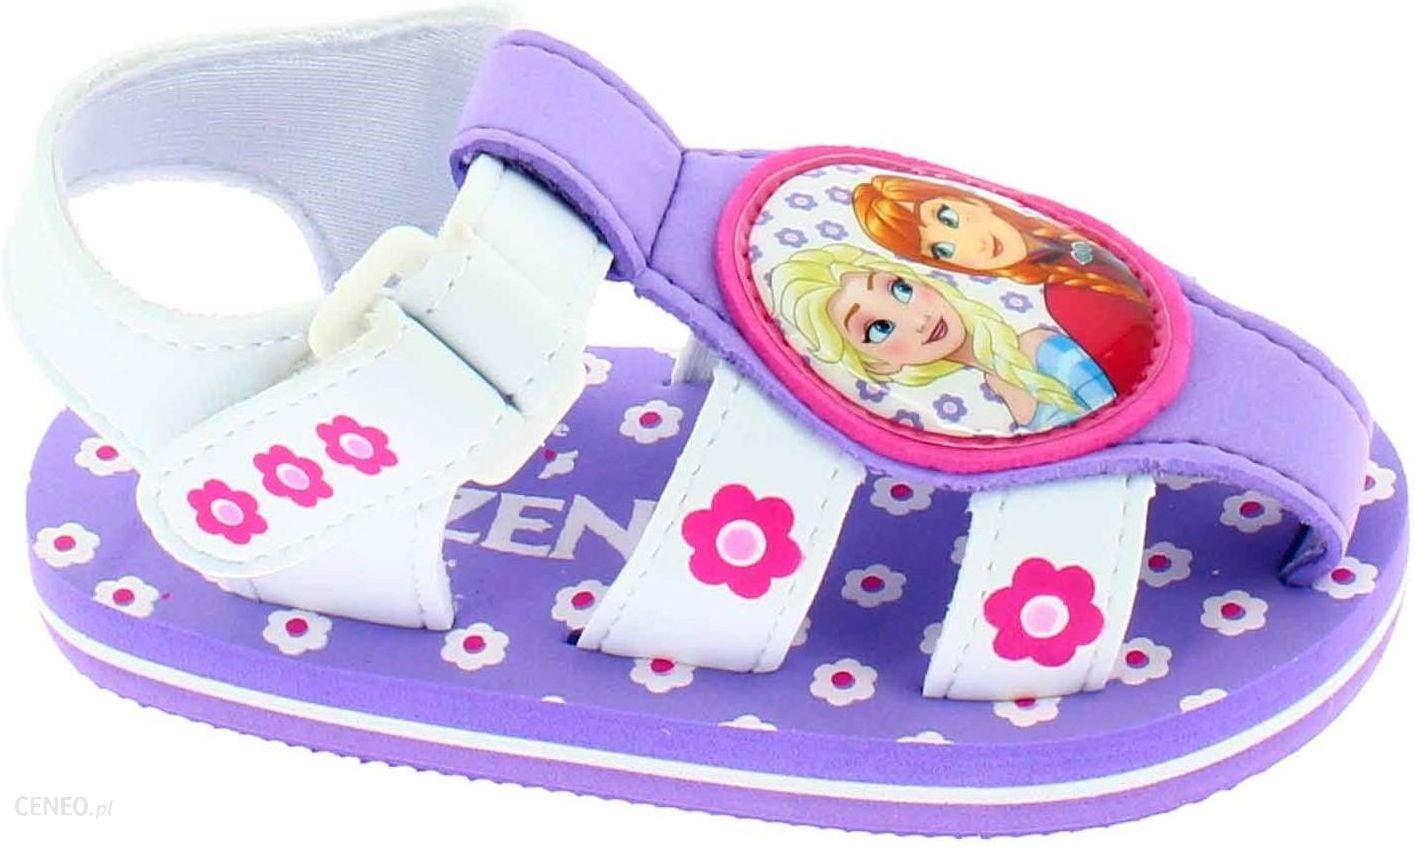 Disney by Arnetta sandały dziewczęce Frozen 27 fioletowy Ceny i opinie Ceneo.pl